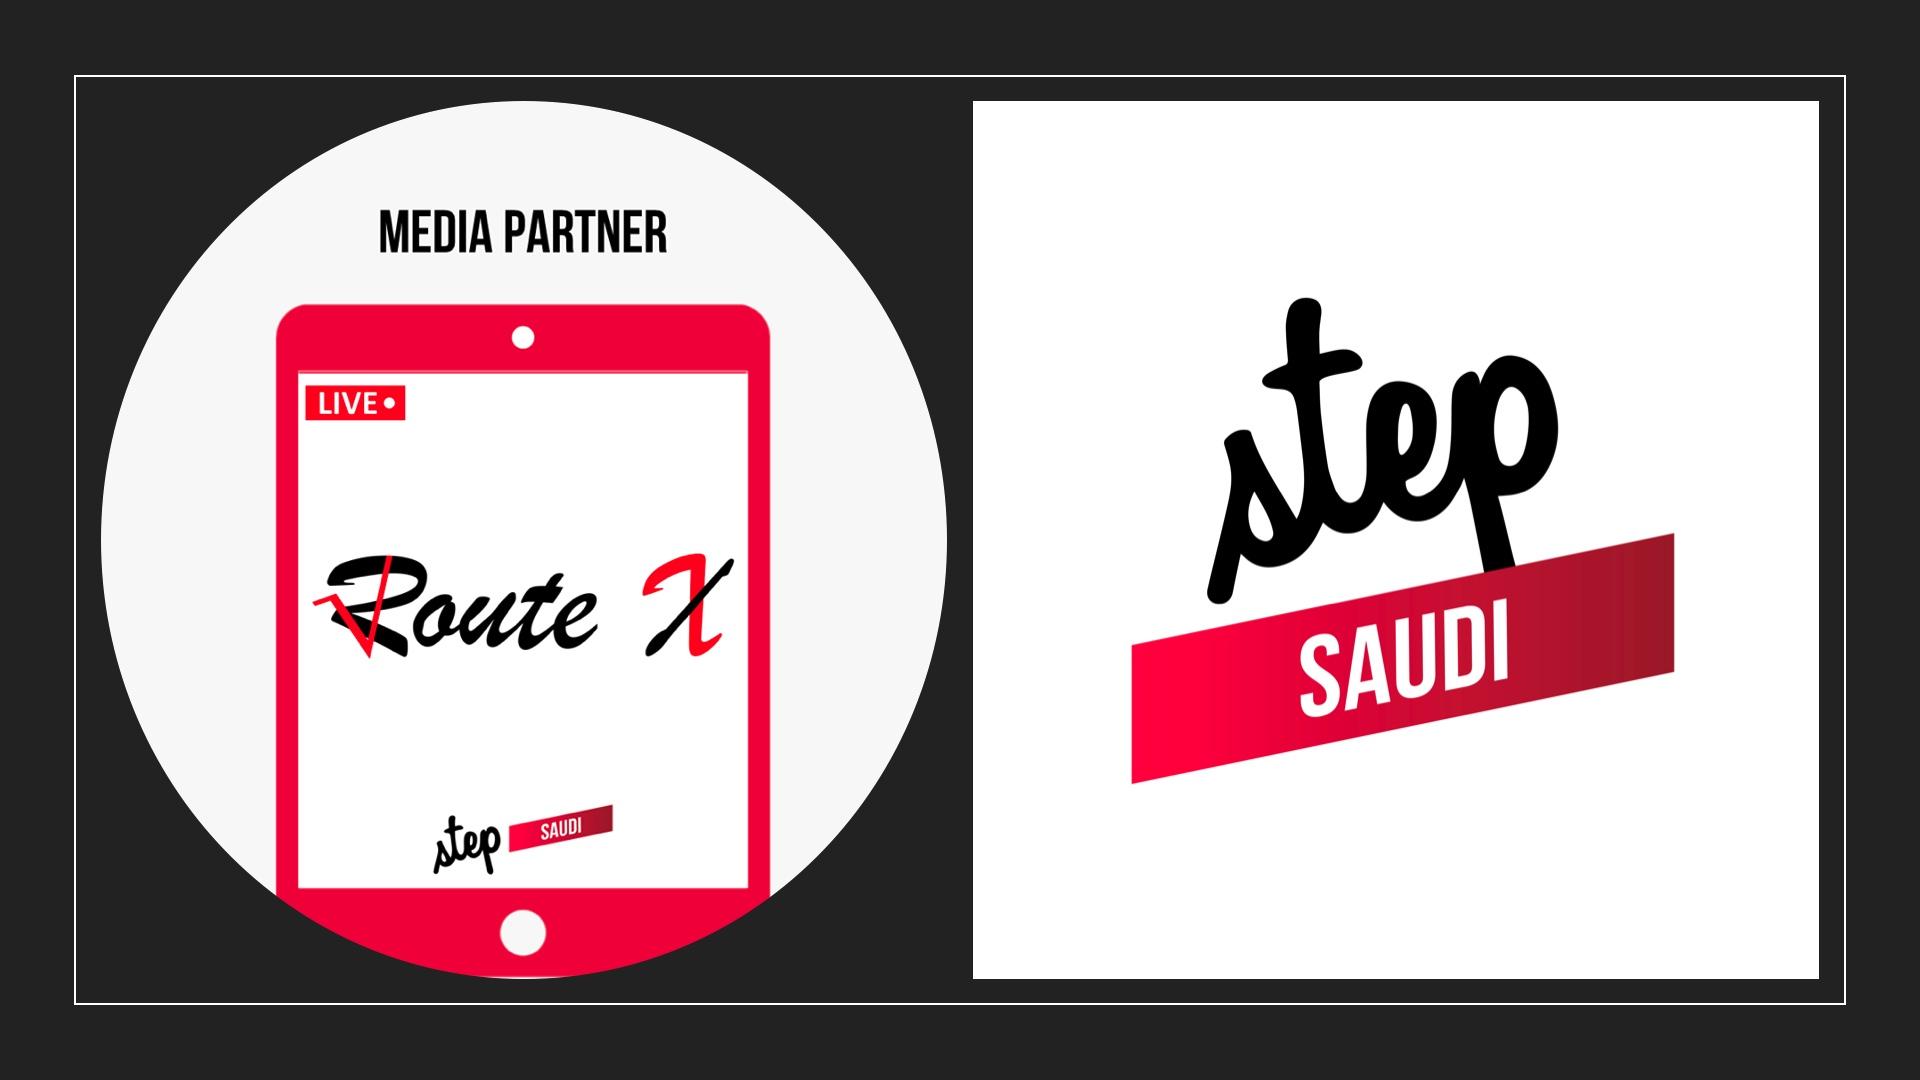 中東最大のスタートアップカンファレンス STEP Saudi 2020の MEDIA PARTNERにRouteX Inc.が就任